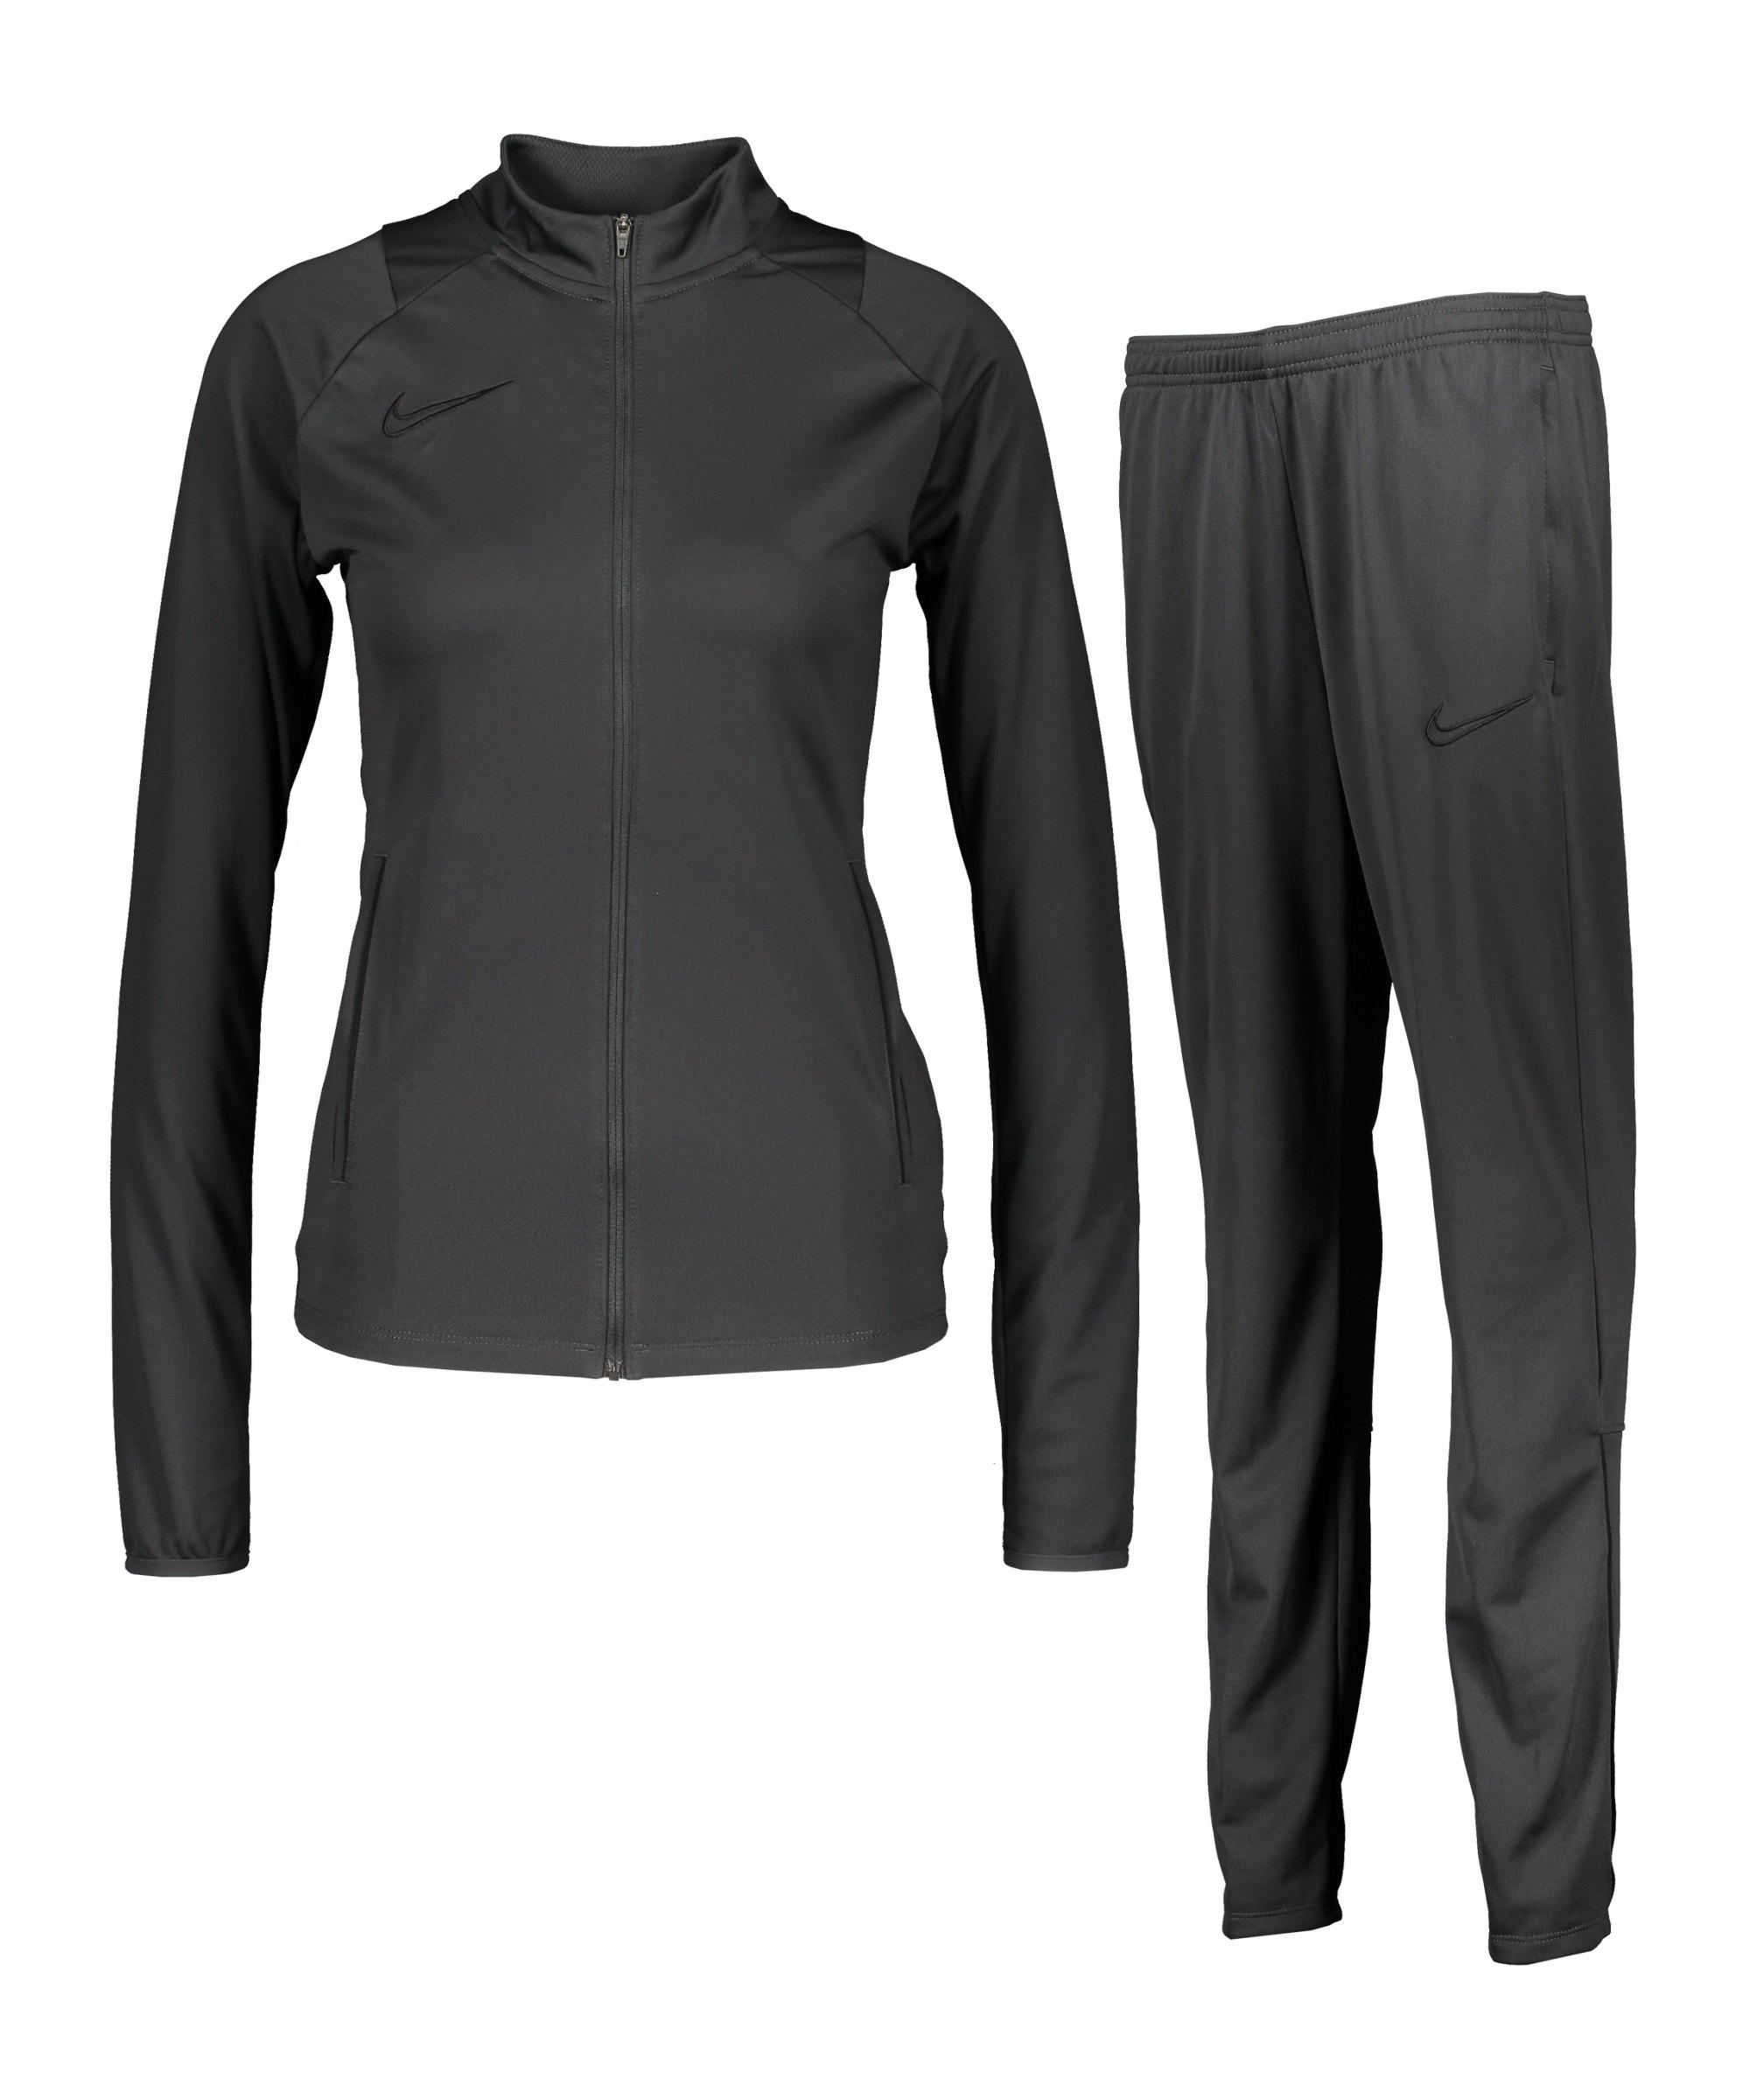 Nike Academy 21 Trainingsanzug Damen F060 - grau